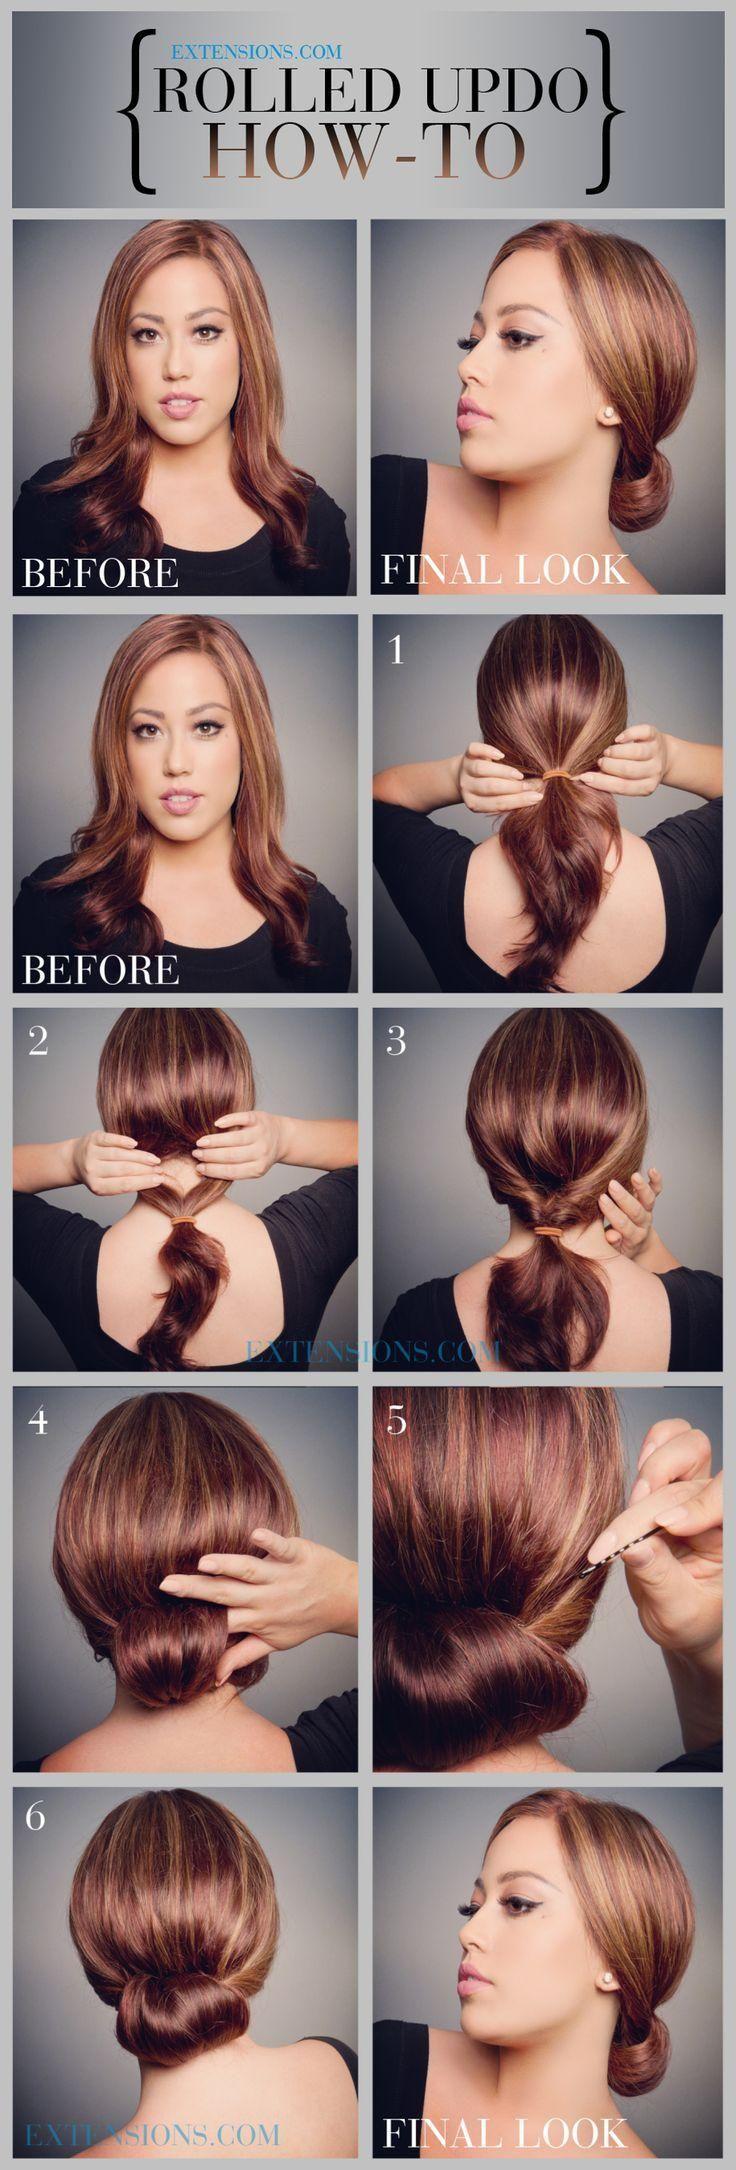 trendy low bun updo hairstyles tutorials easy cute me